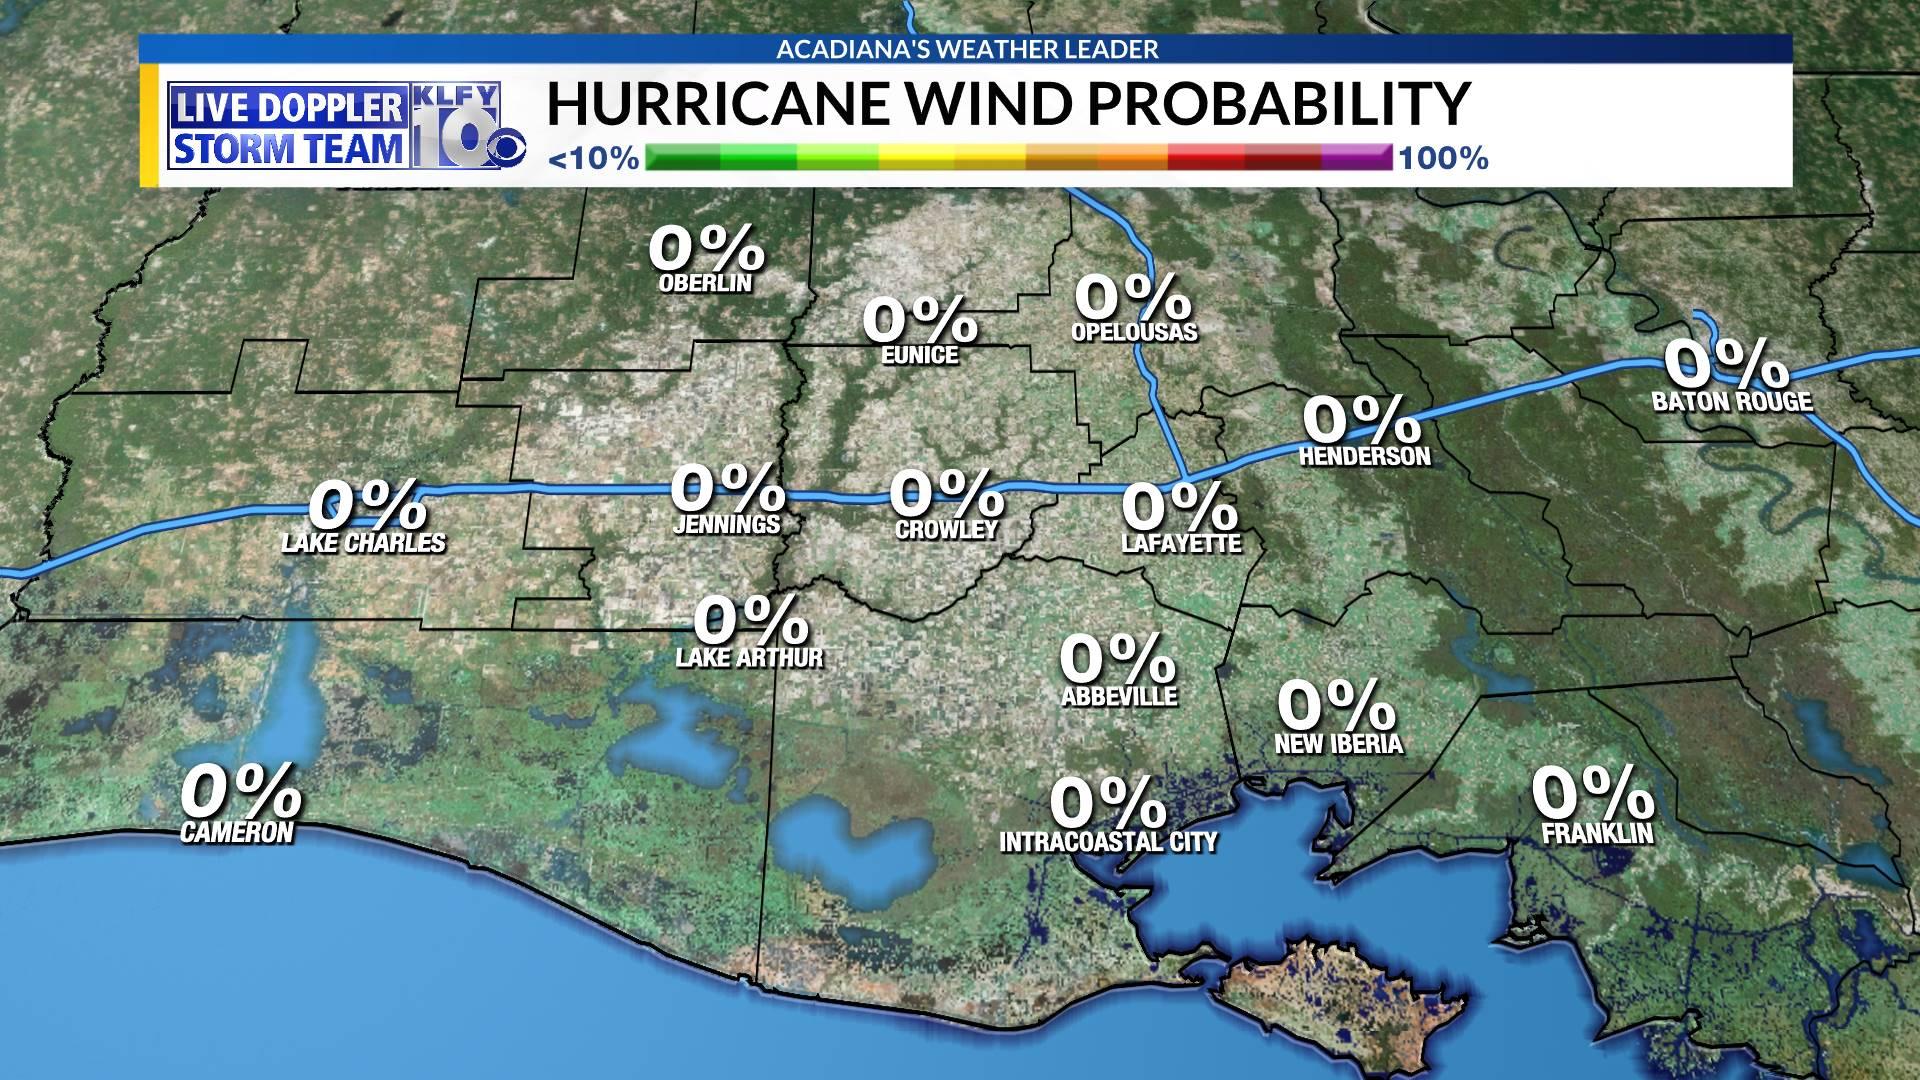 Hurricane Wind Probability